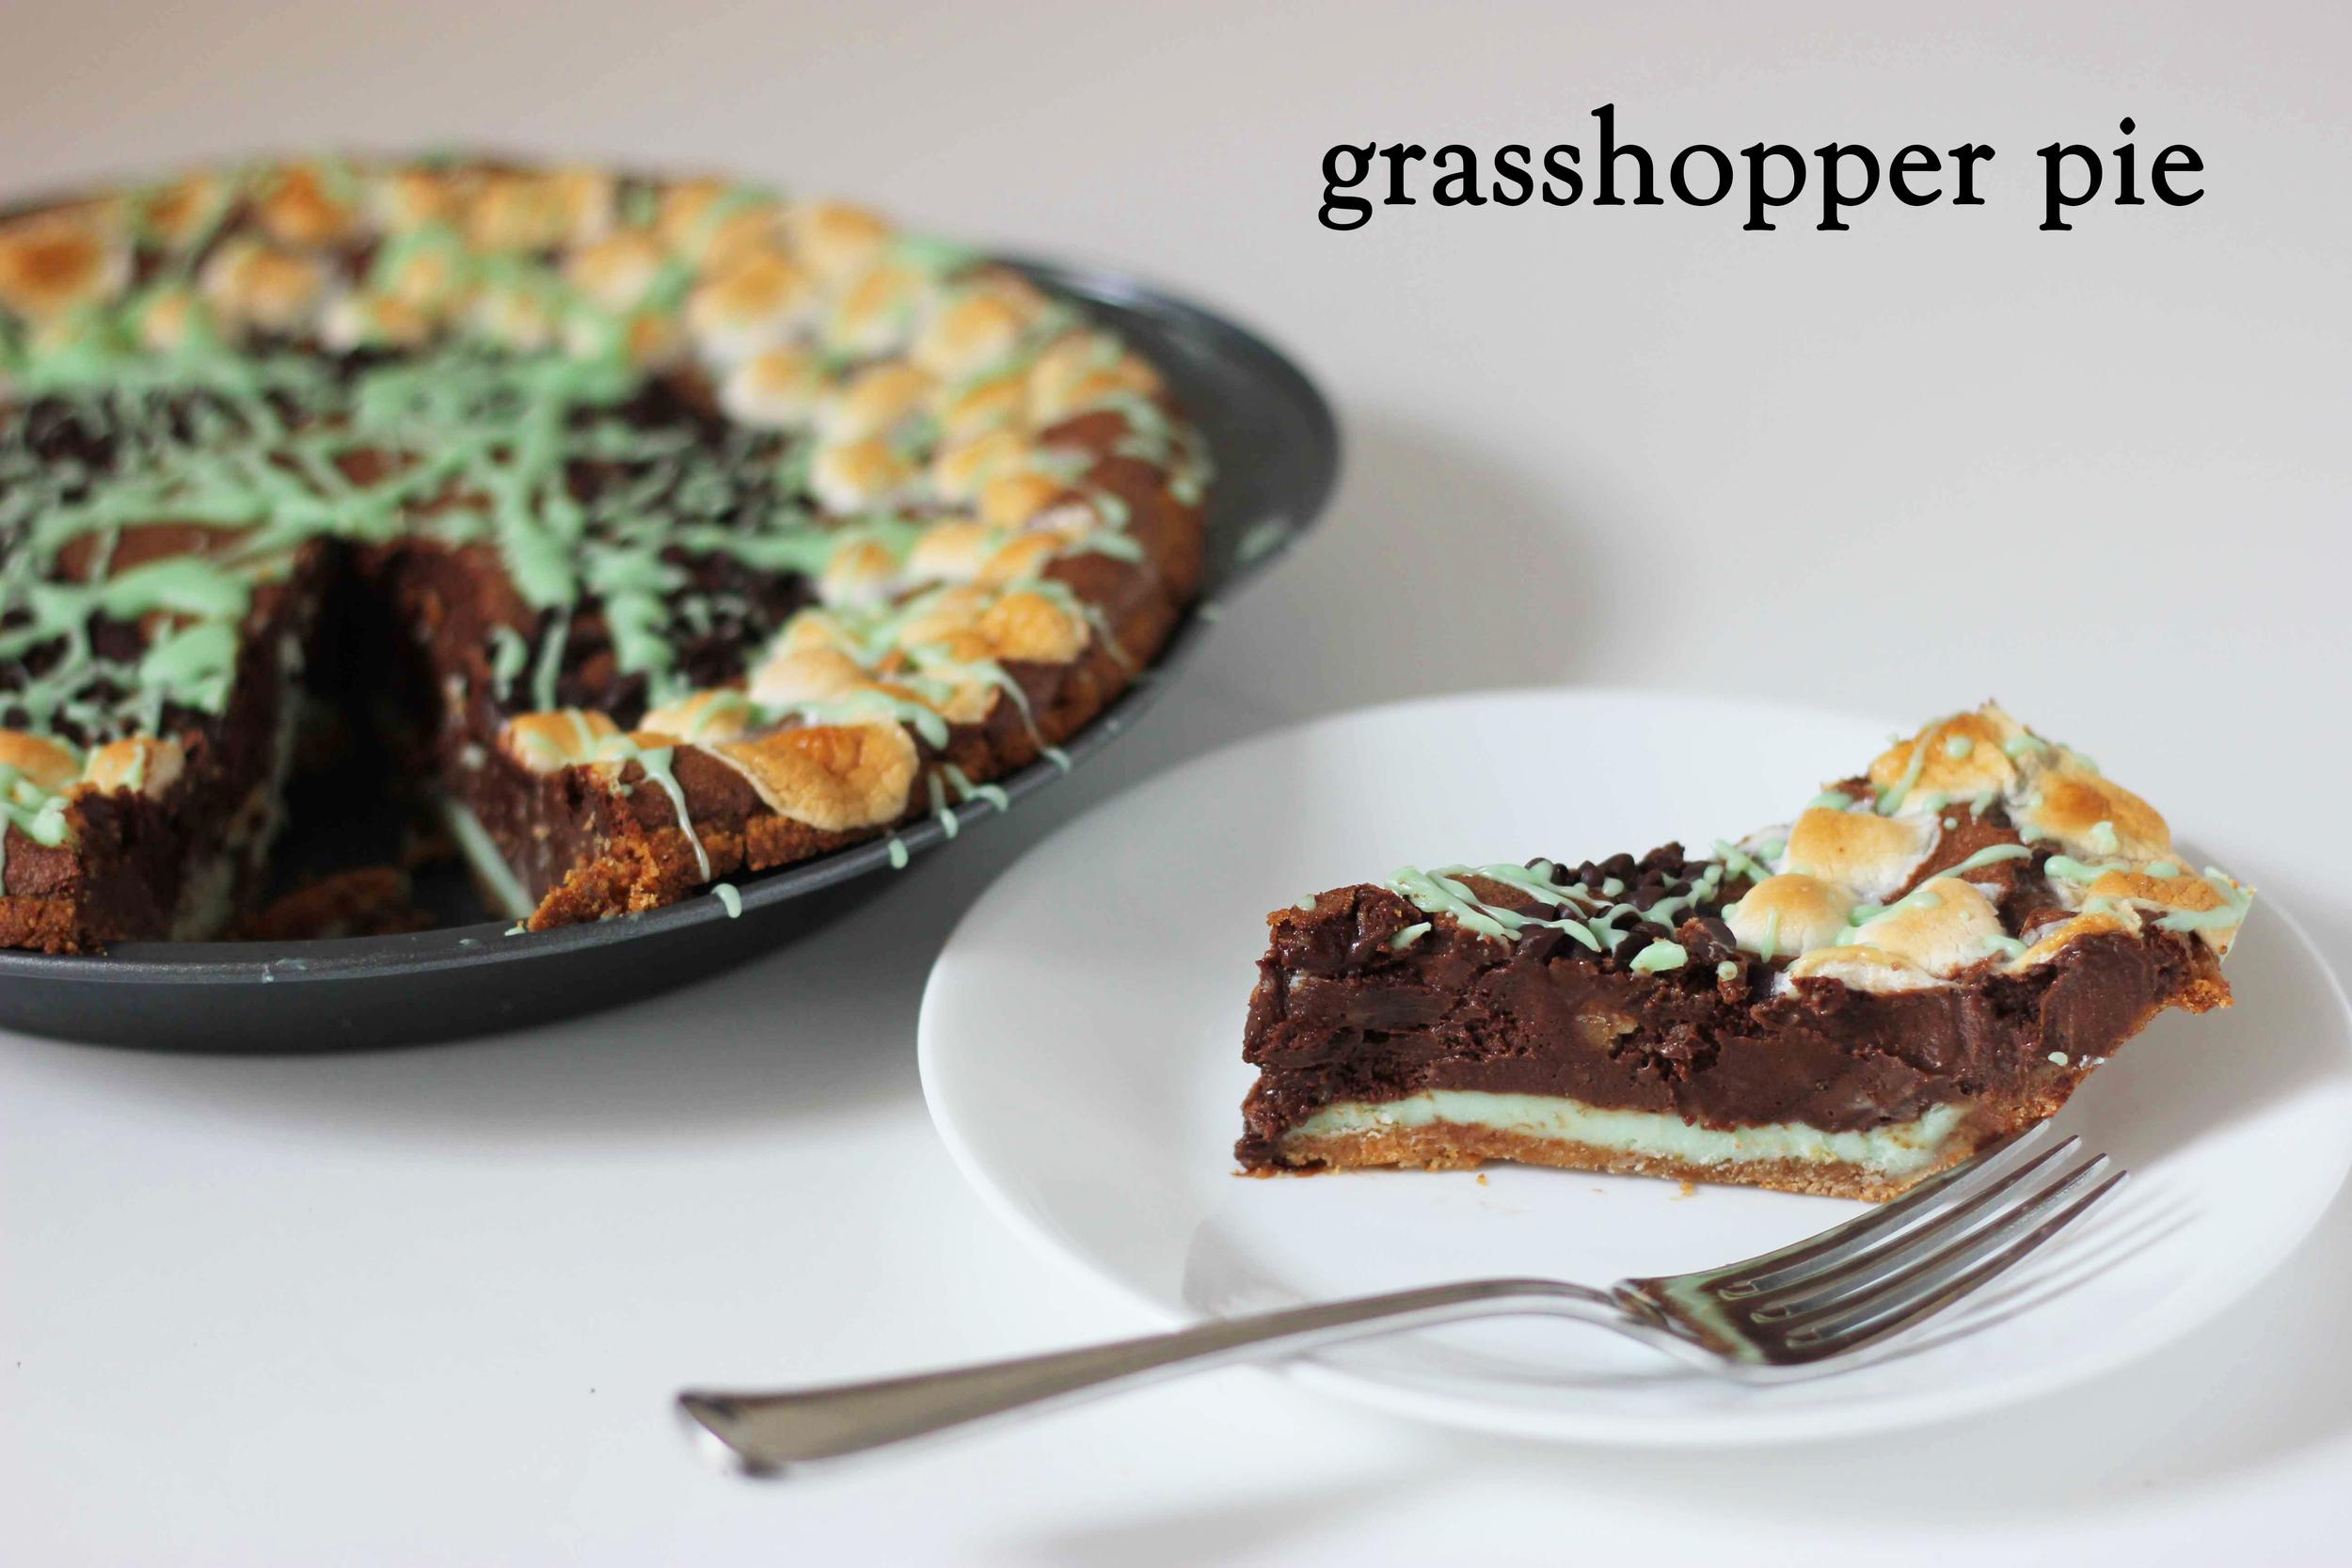 grasshopperpie1